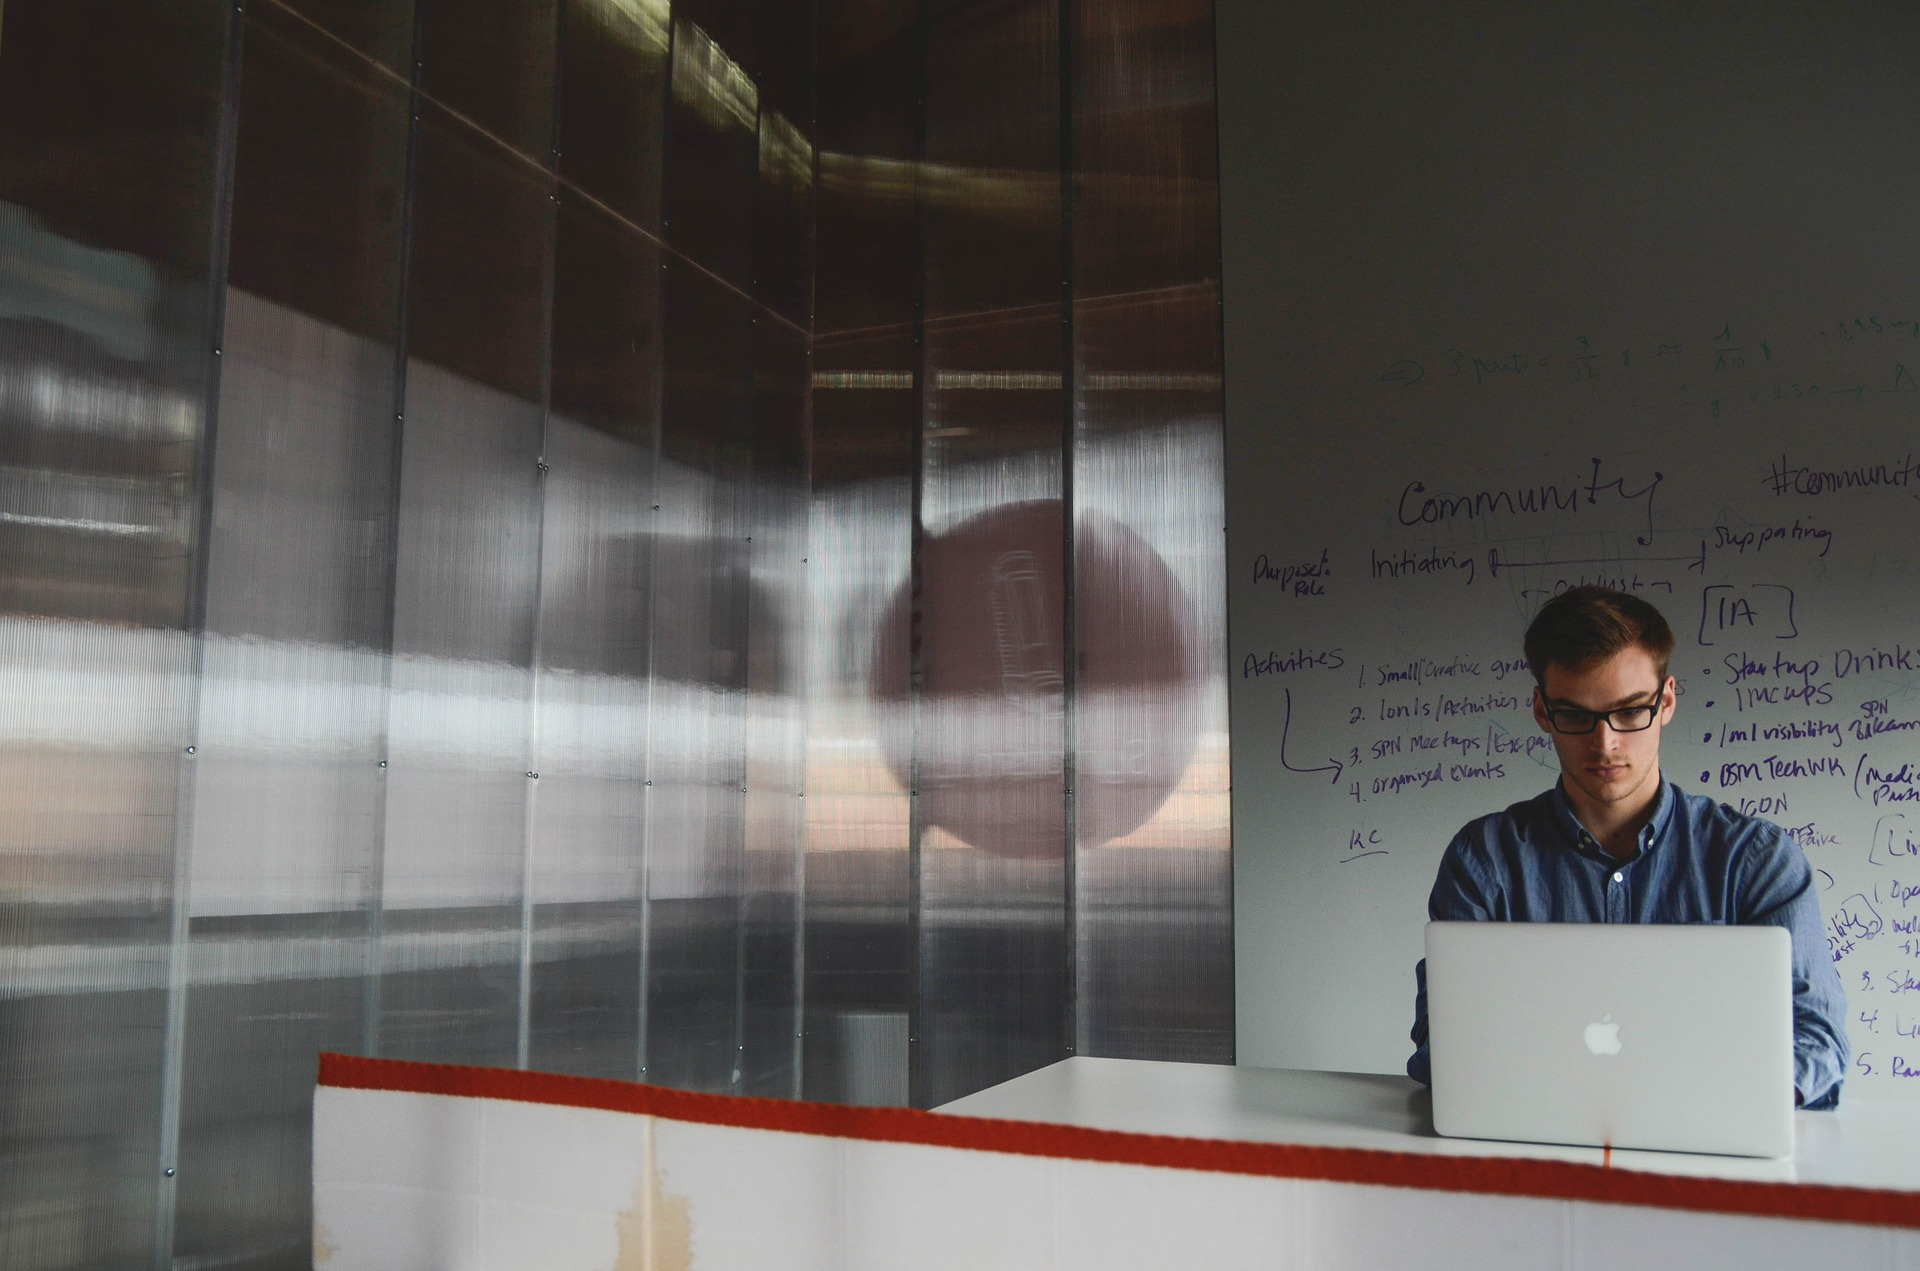 emprendedores-startup-dafo La importancia del DAFO para las startup